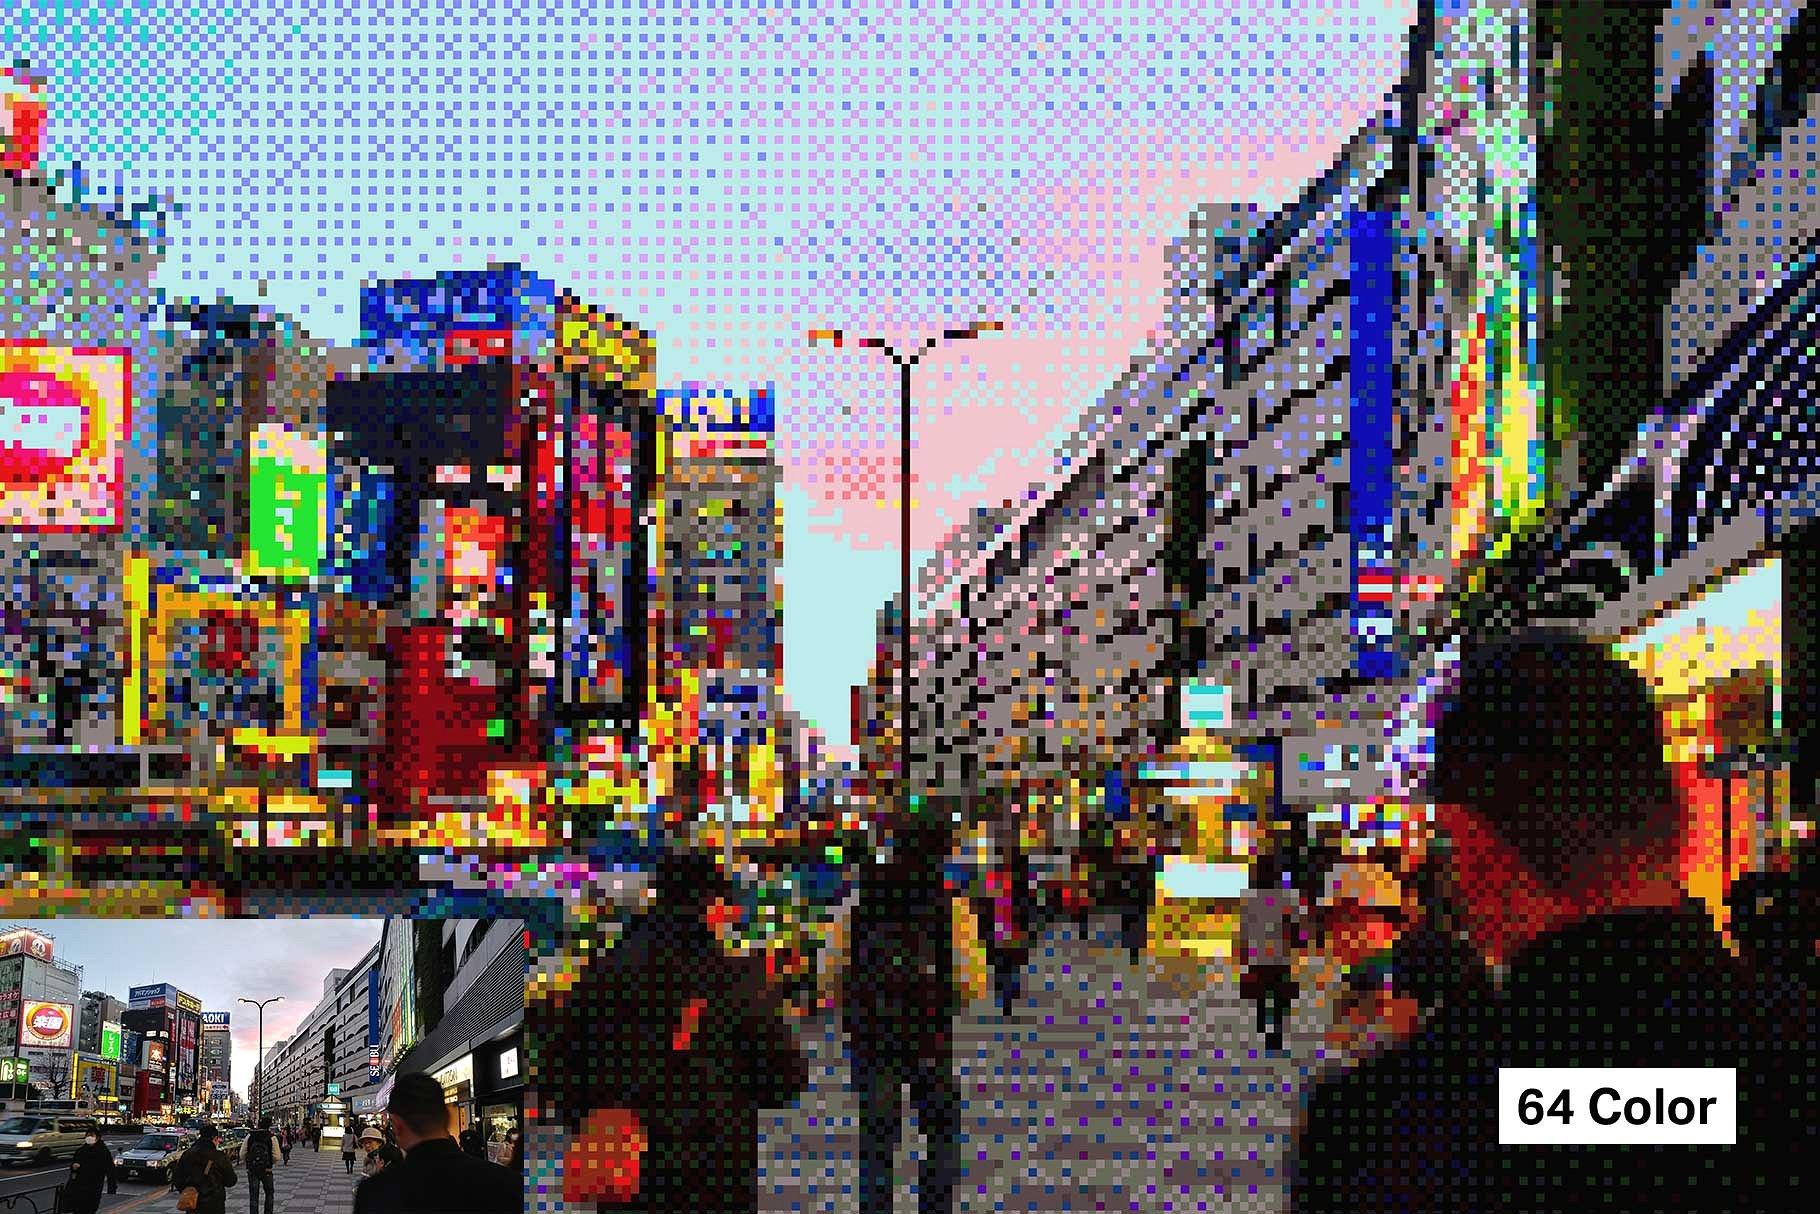 دانلود رایگان اکشن فتوشاپ 21 Pixel Art - تبدیل تصاویر به عکس های پیکسلی